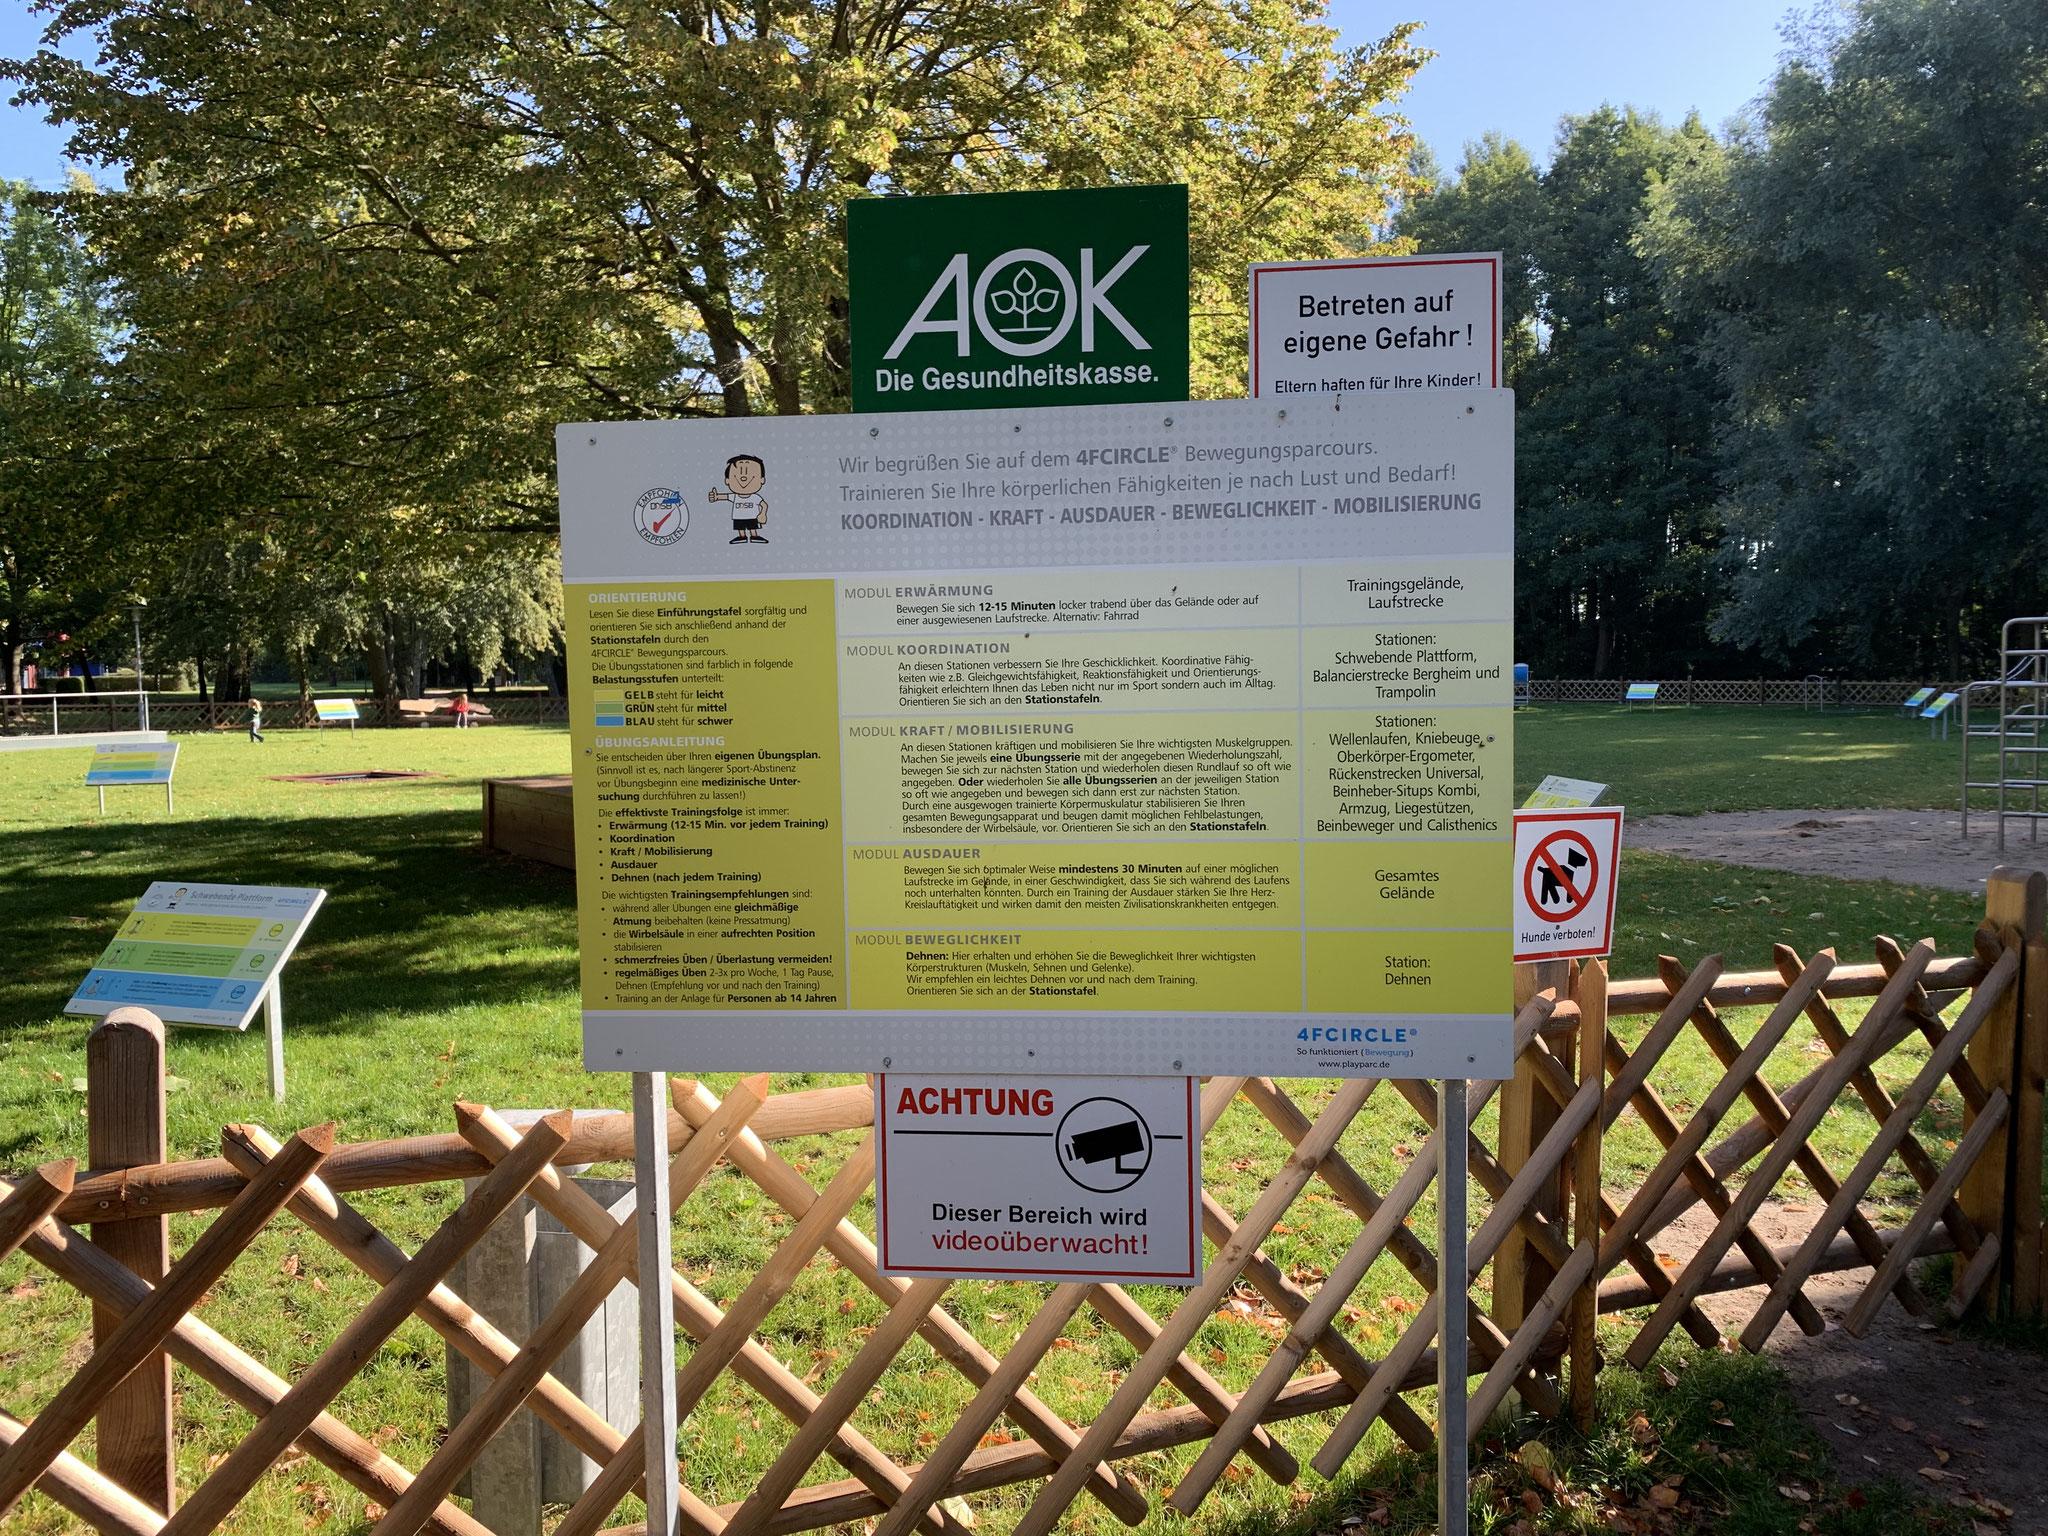 kostenloser Outdoor-Sportpark direkt am Radrundweg Höhe Reha-Klinik